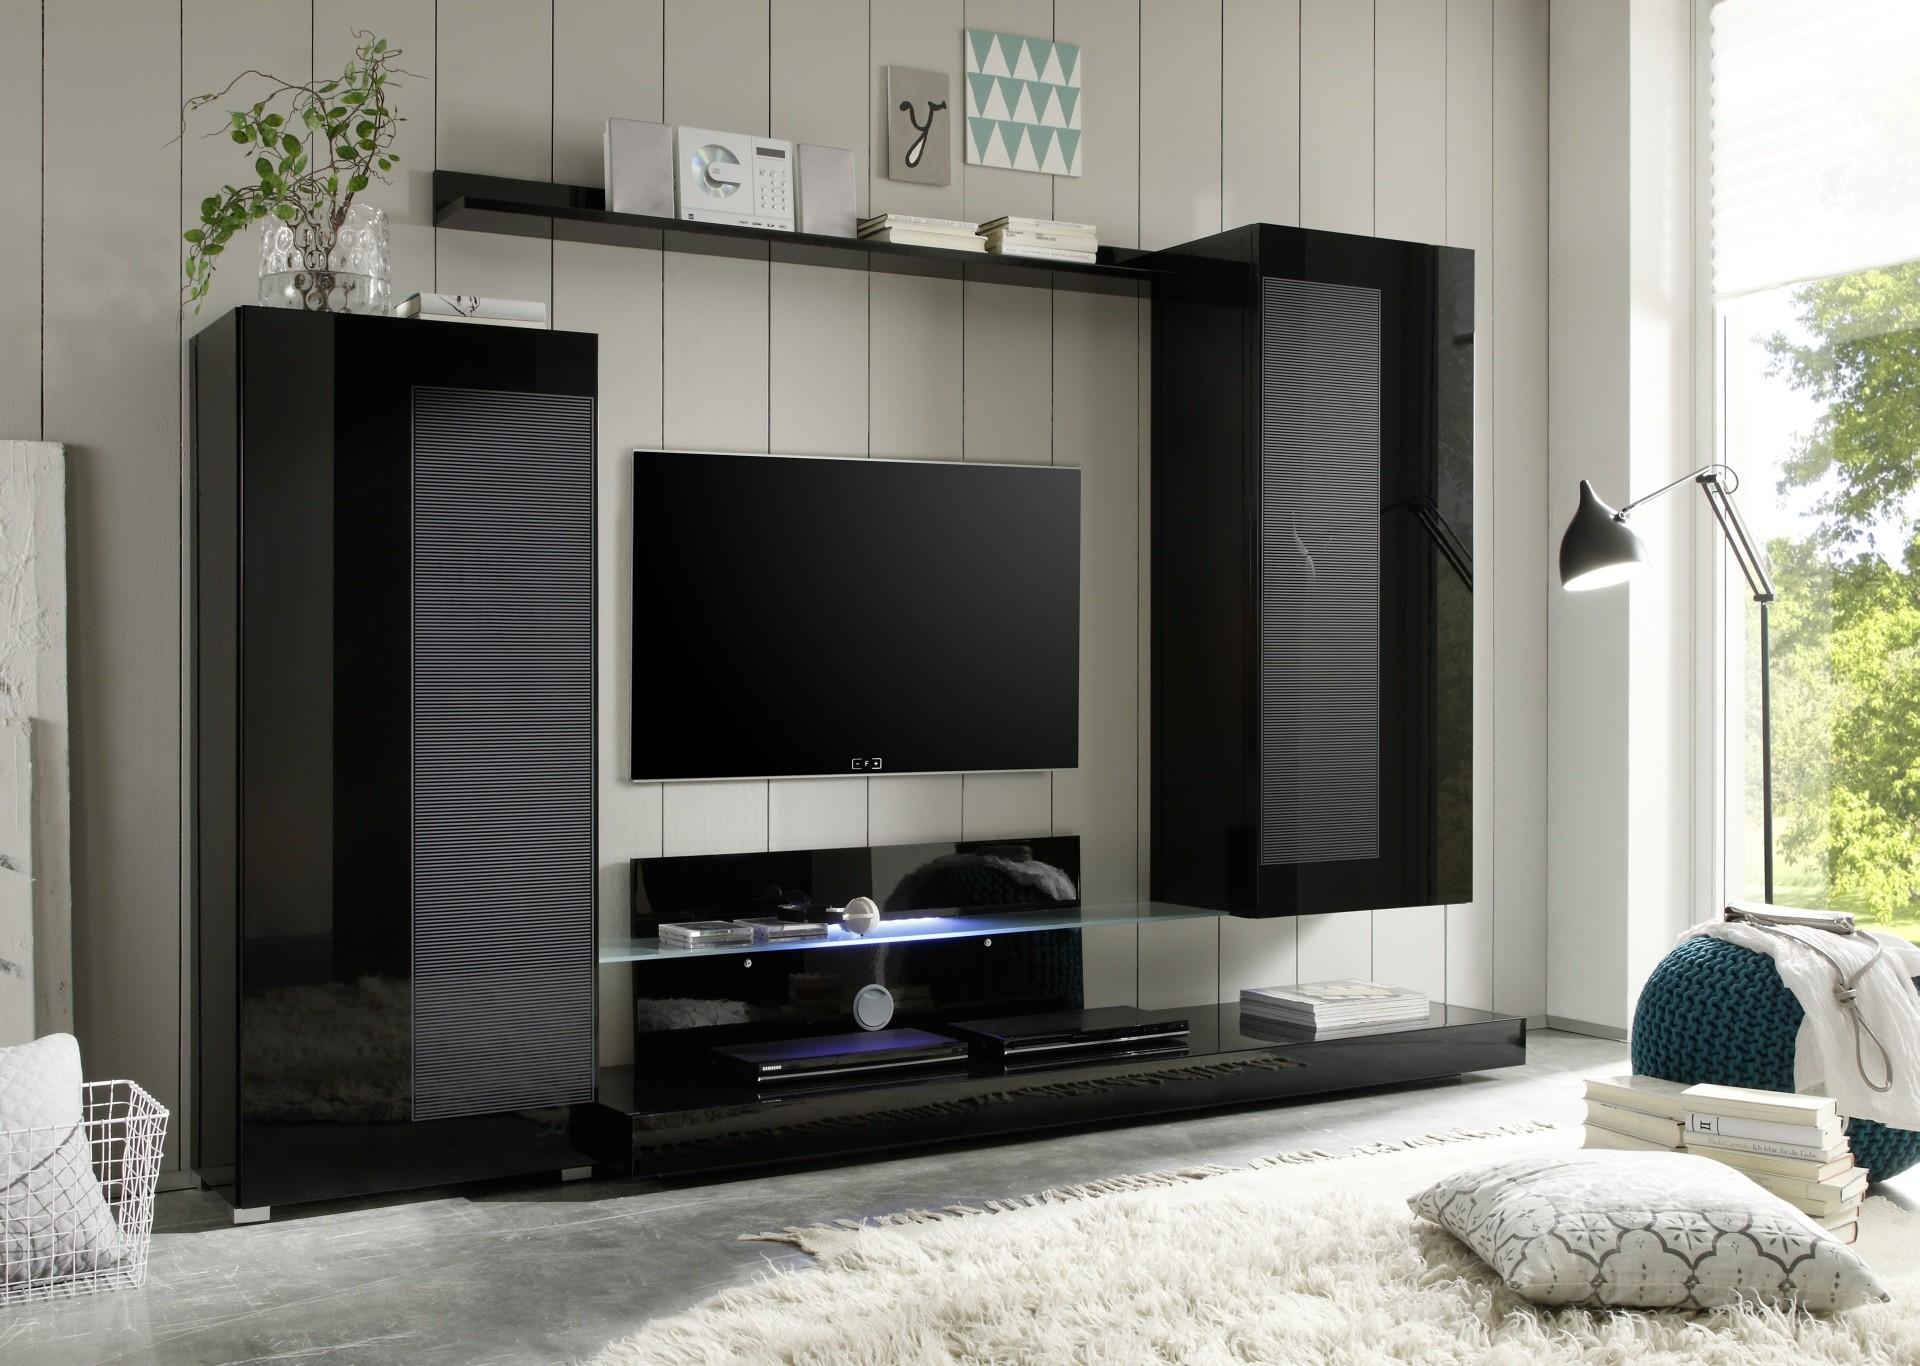 ensemble de salon hautde gamme prix discount qualit. Black Bedroom Furniture Sets. Home Design Ideas